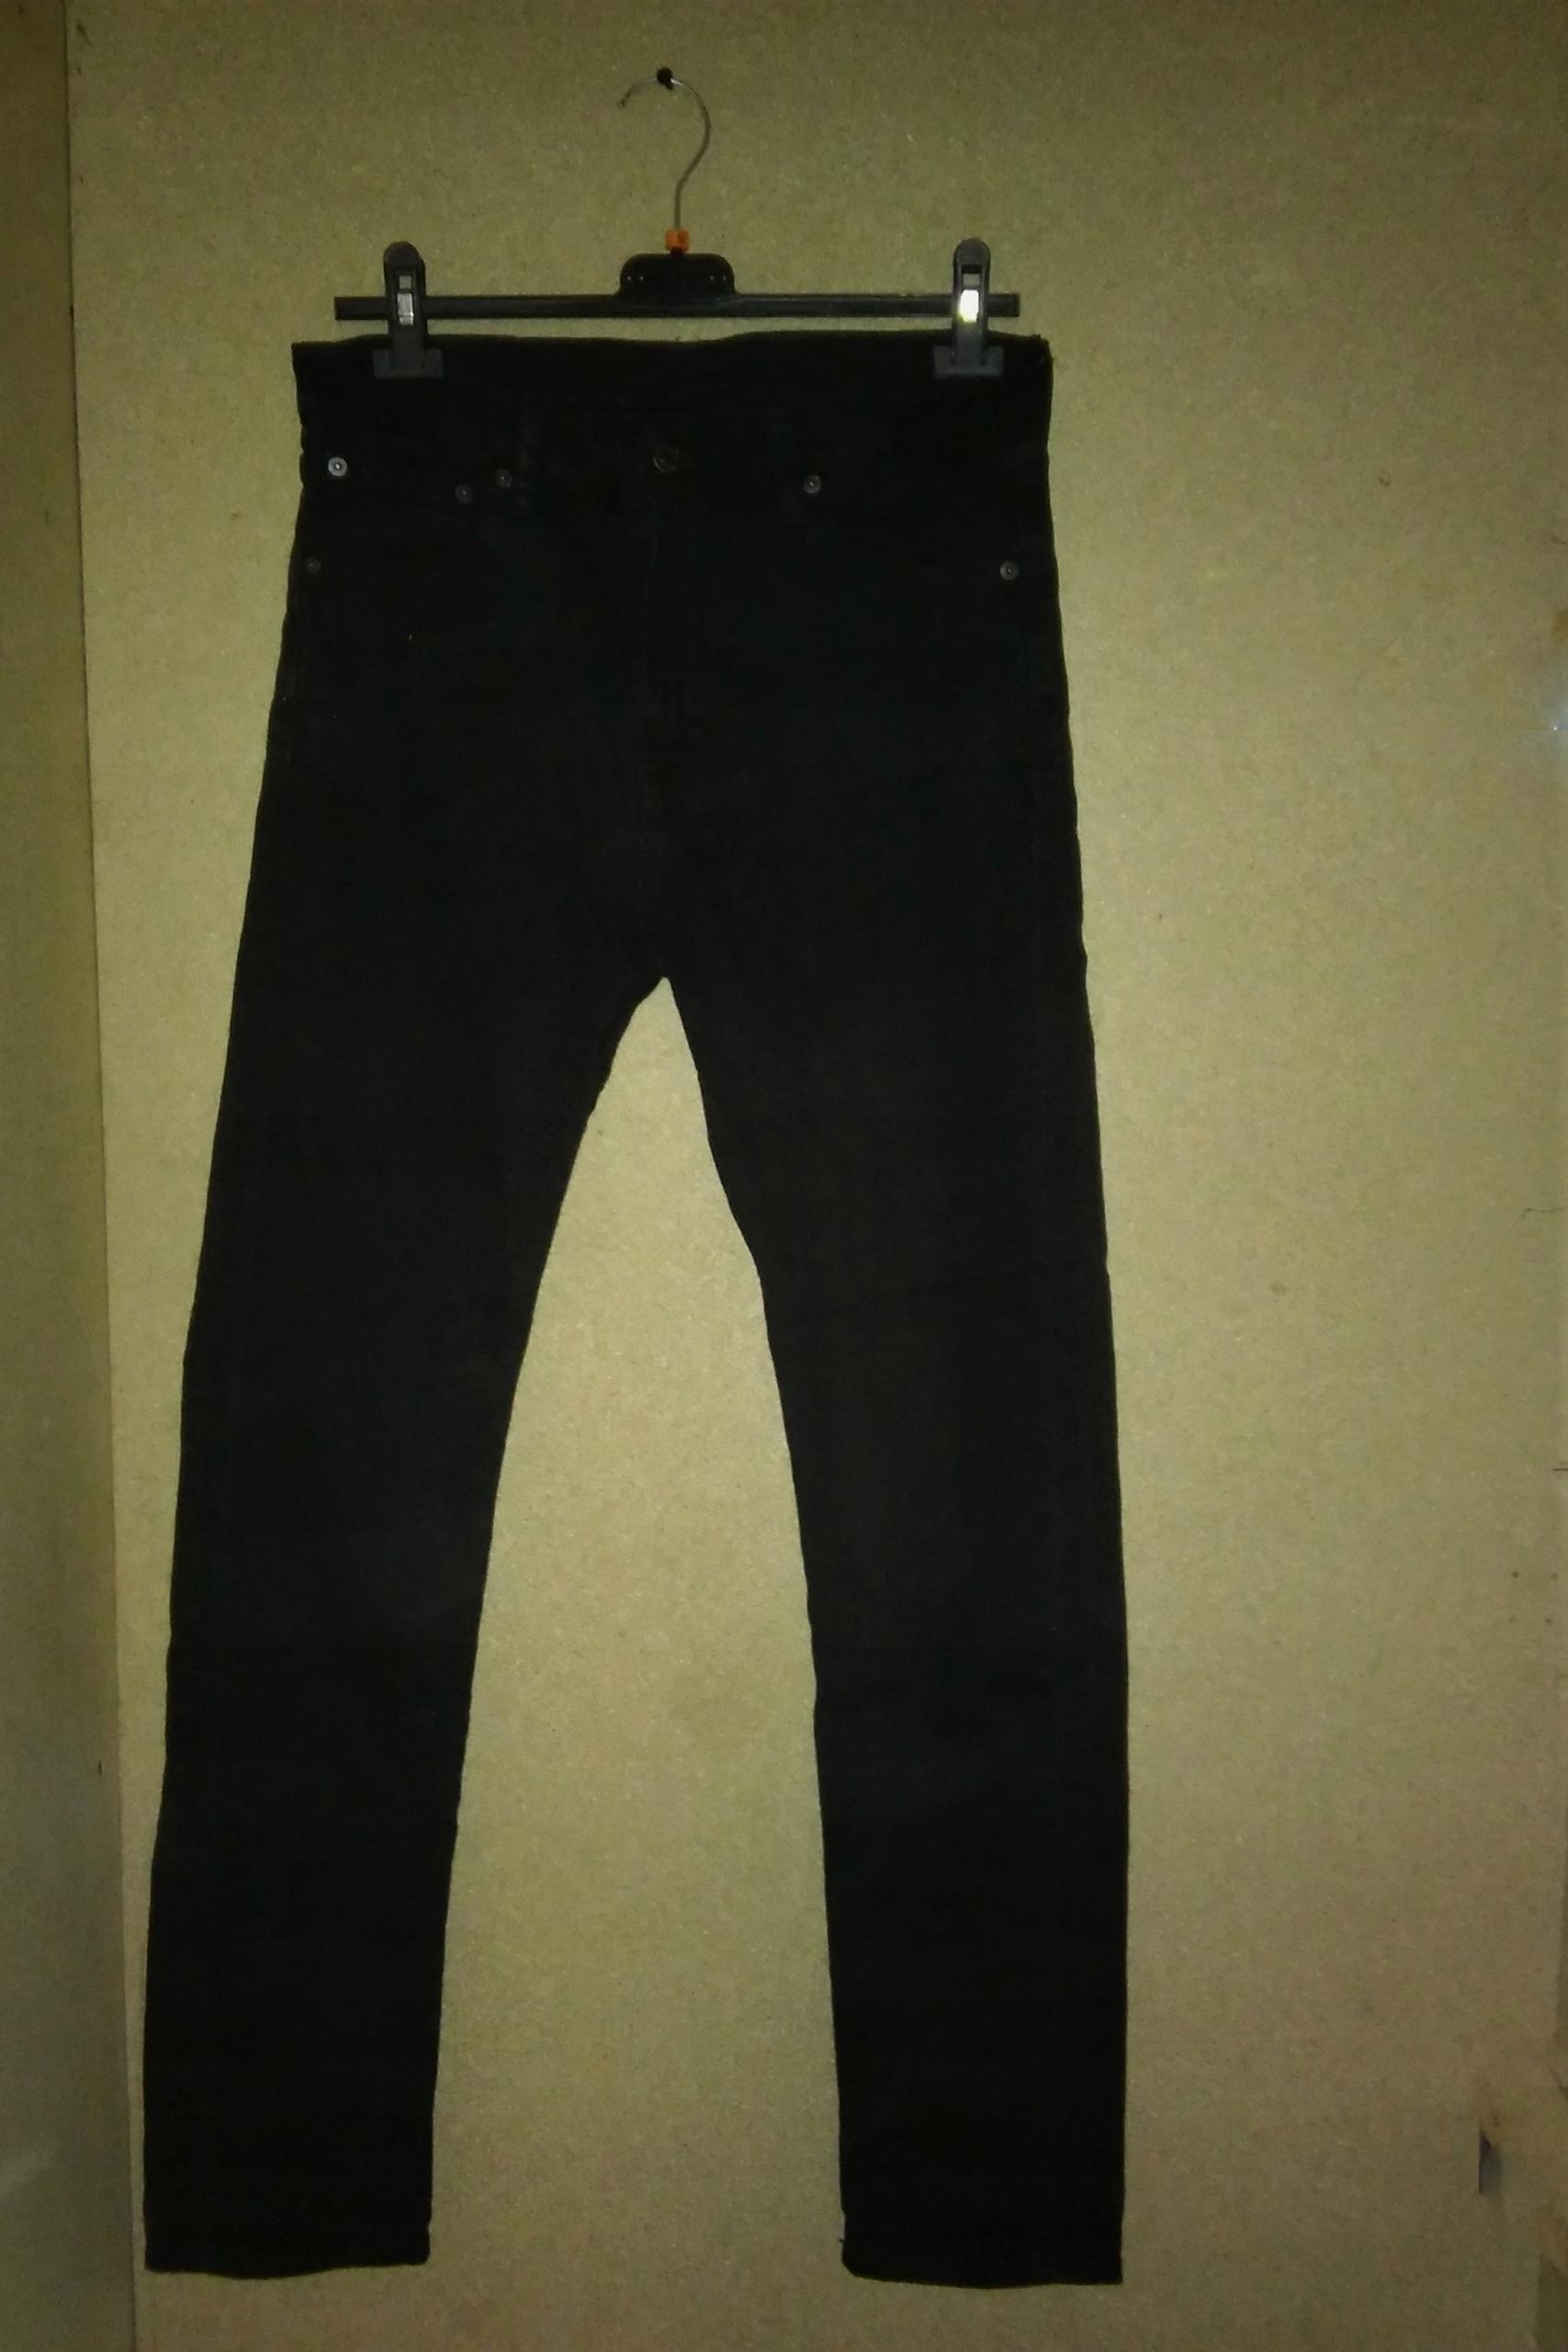 Levi Strauss Czarne jeansy wysoki stan W30 L32